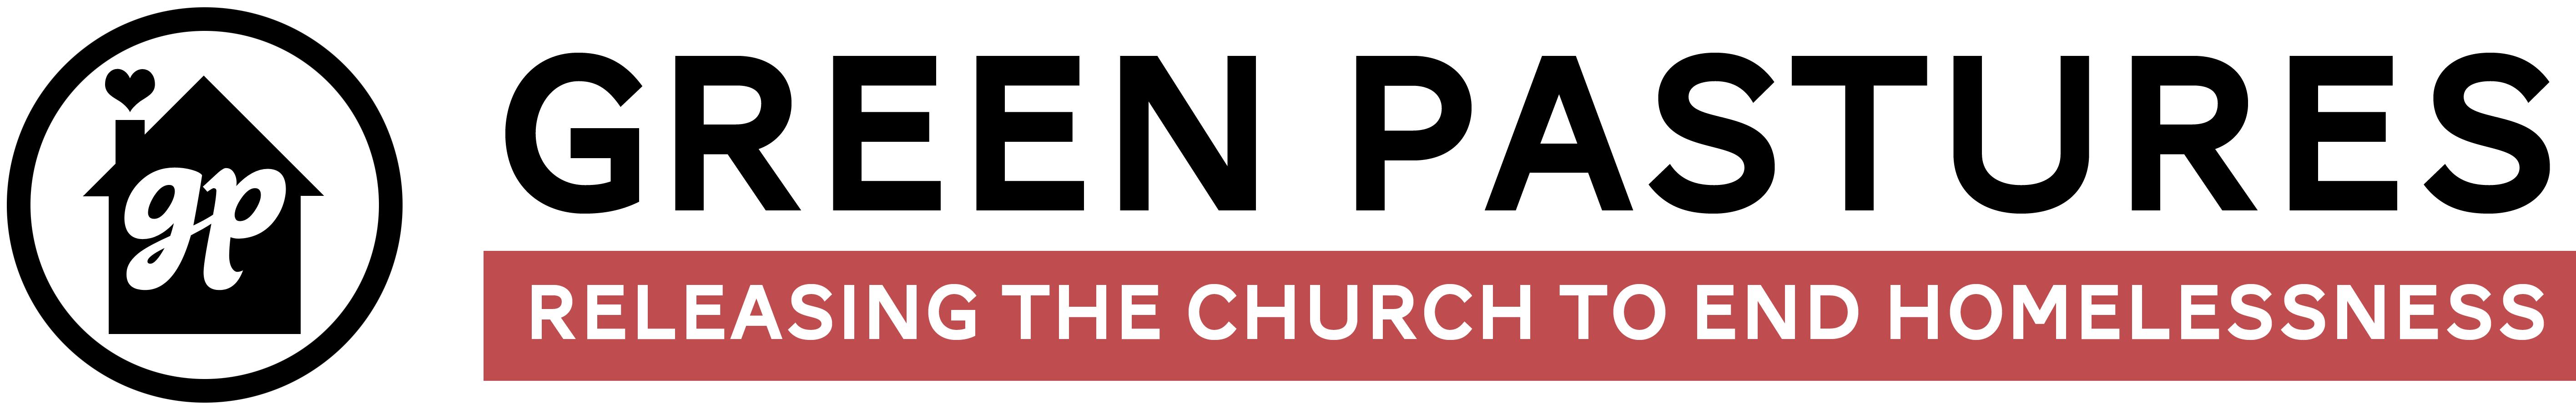 gp-logo-final-black